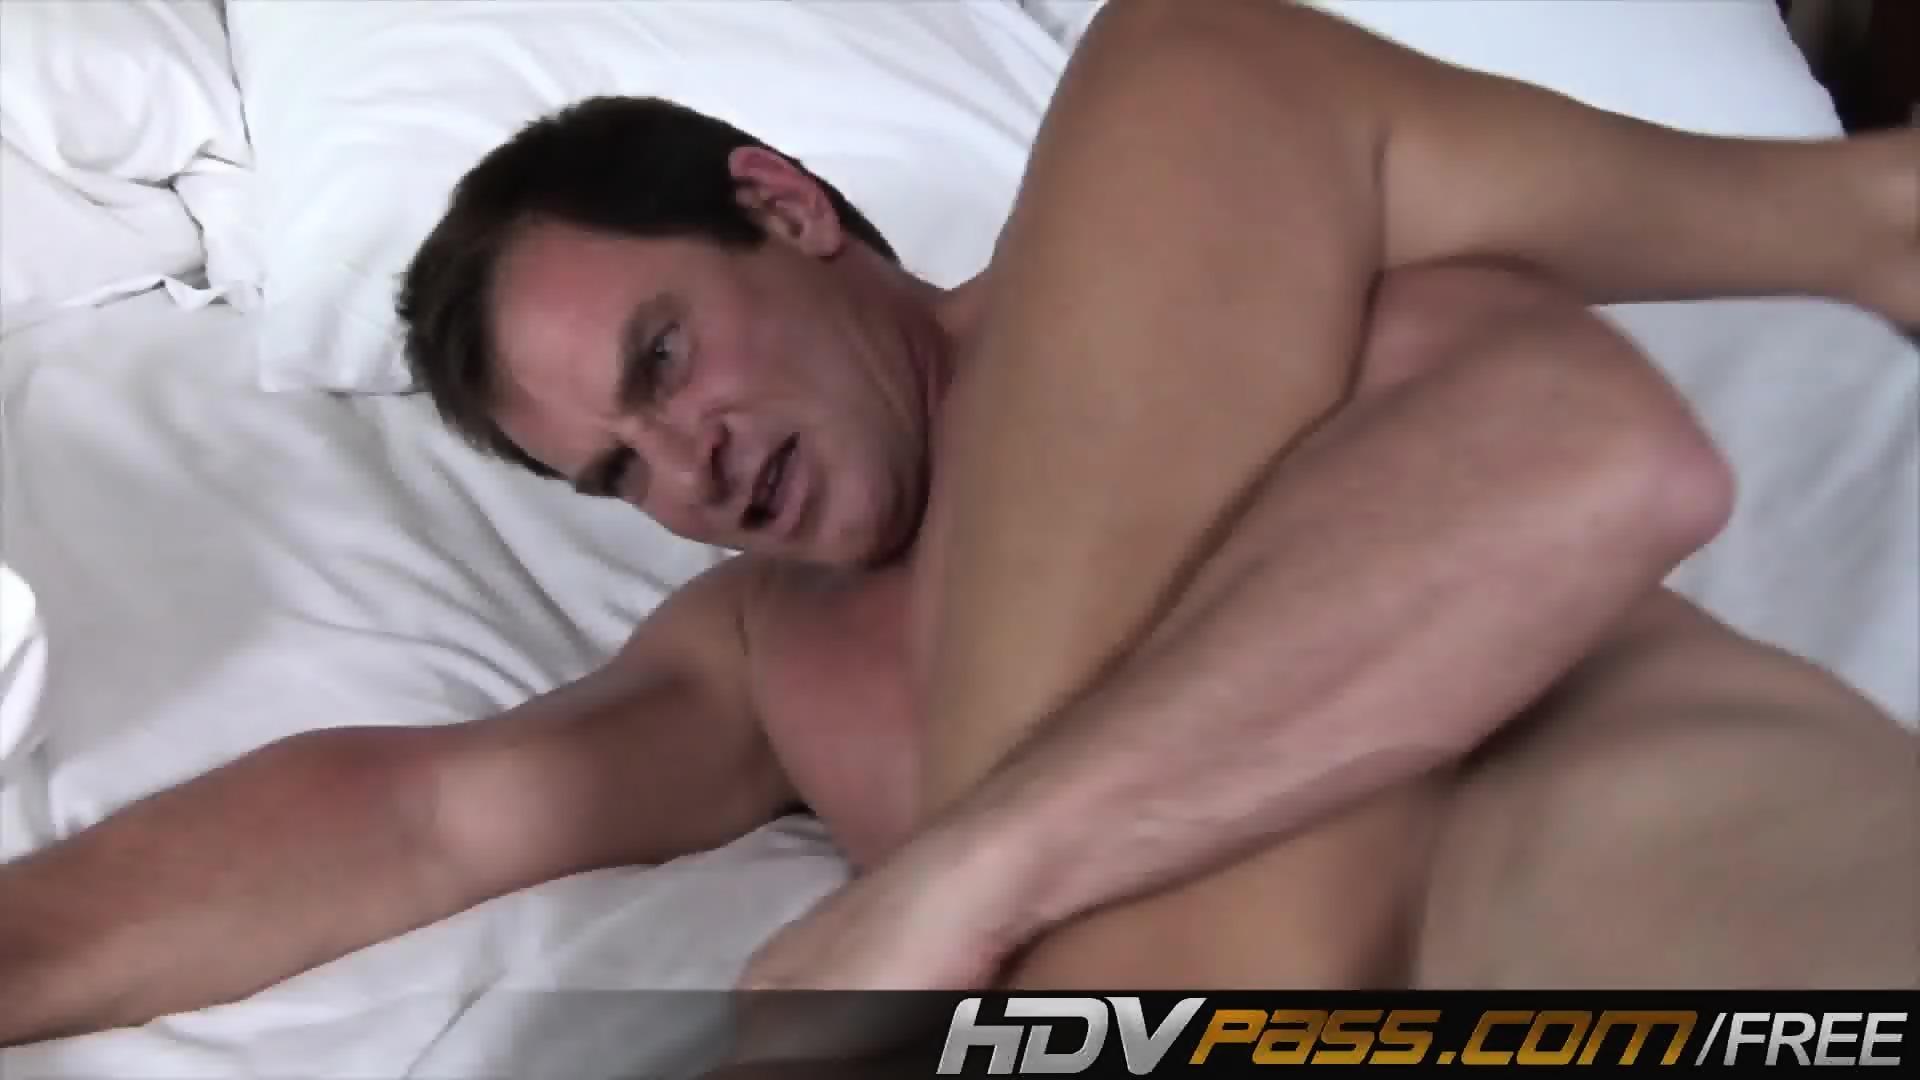 fischer movie Amy porn